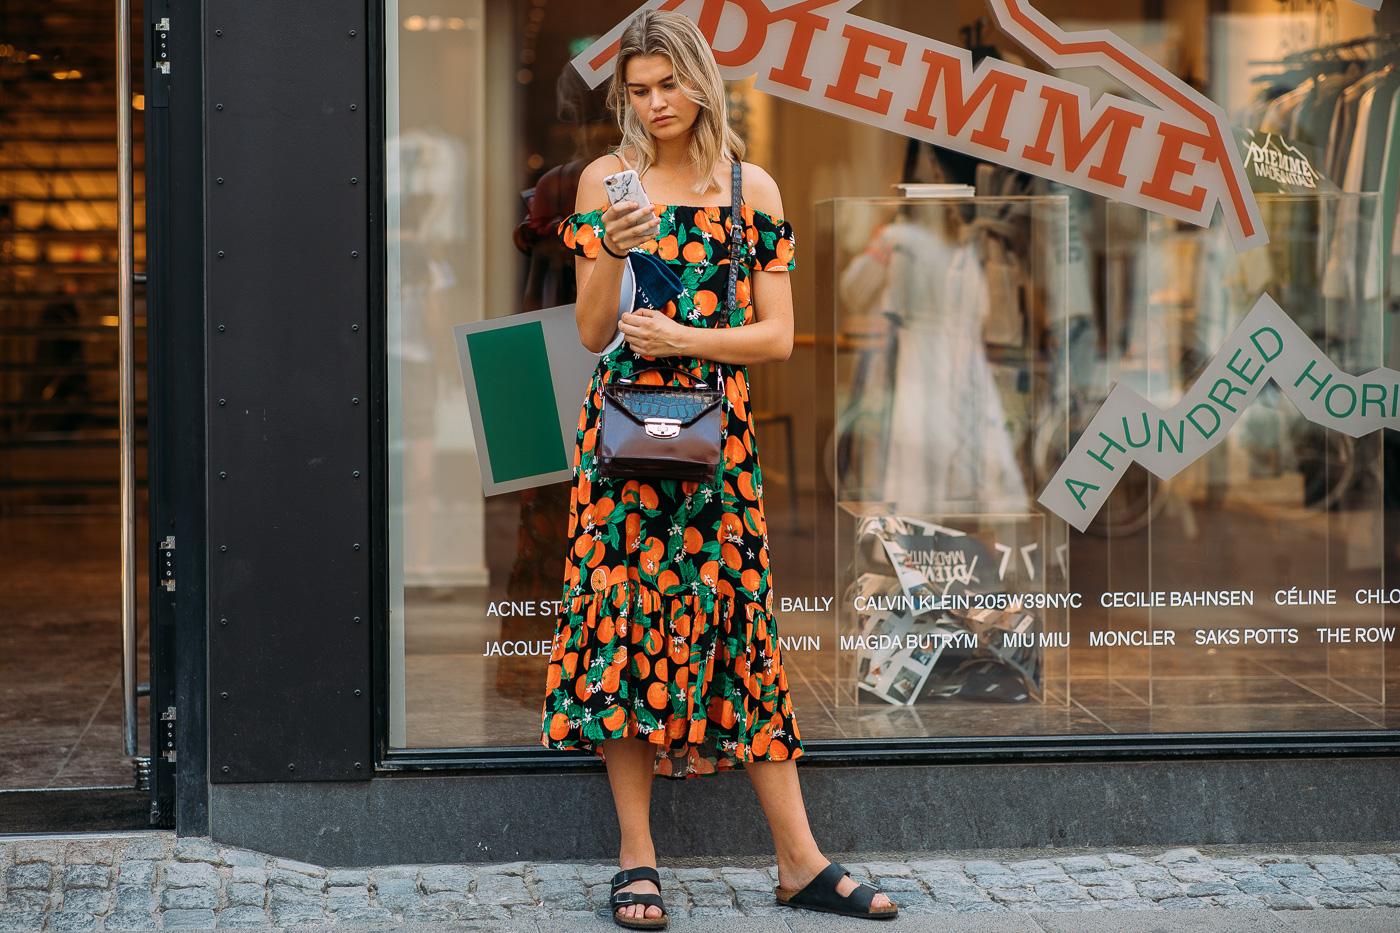 Sådan bliver fremtidens modebranche. DM&T Topmøde 2018